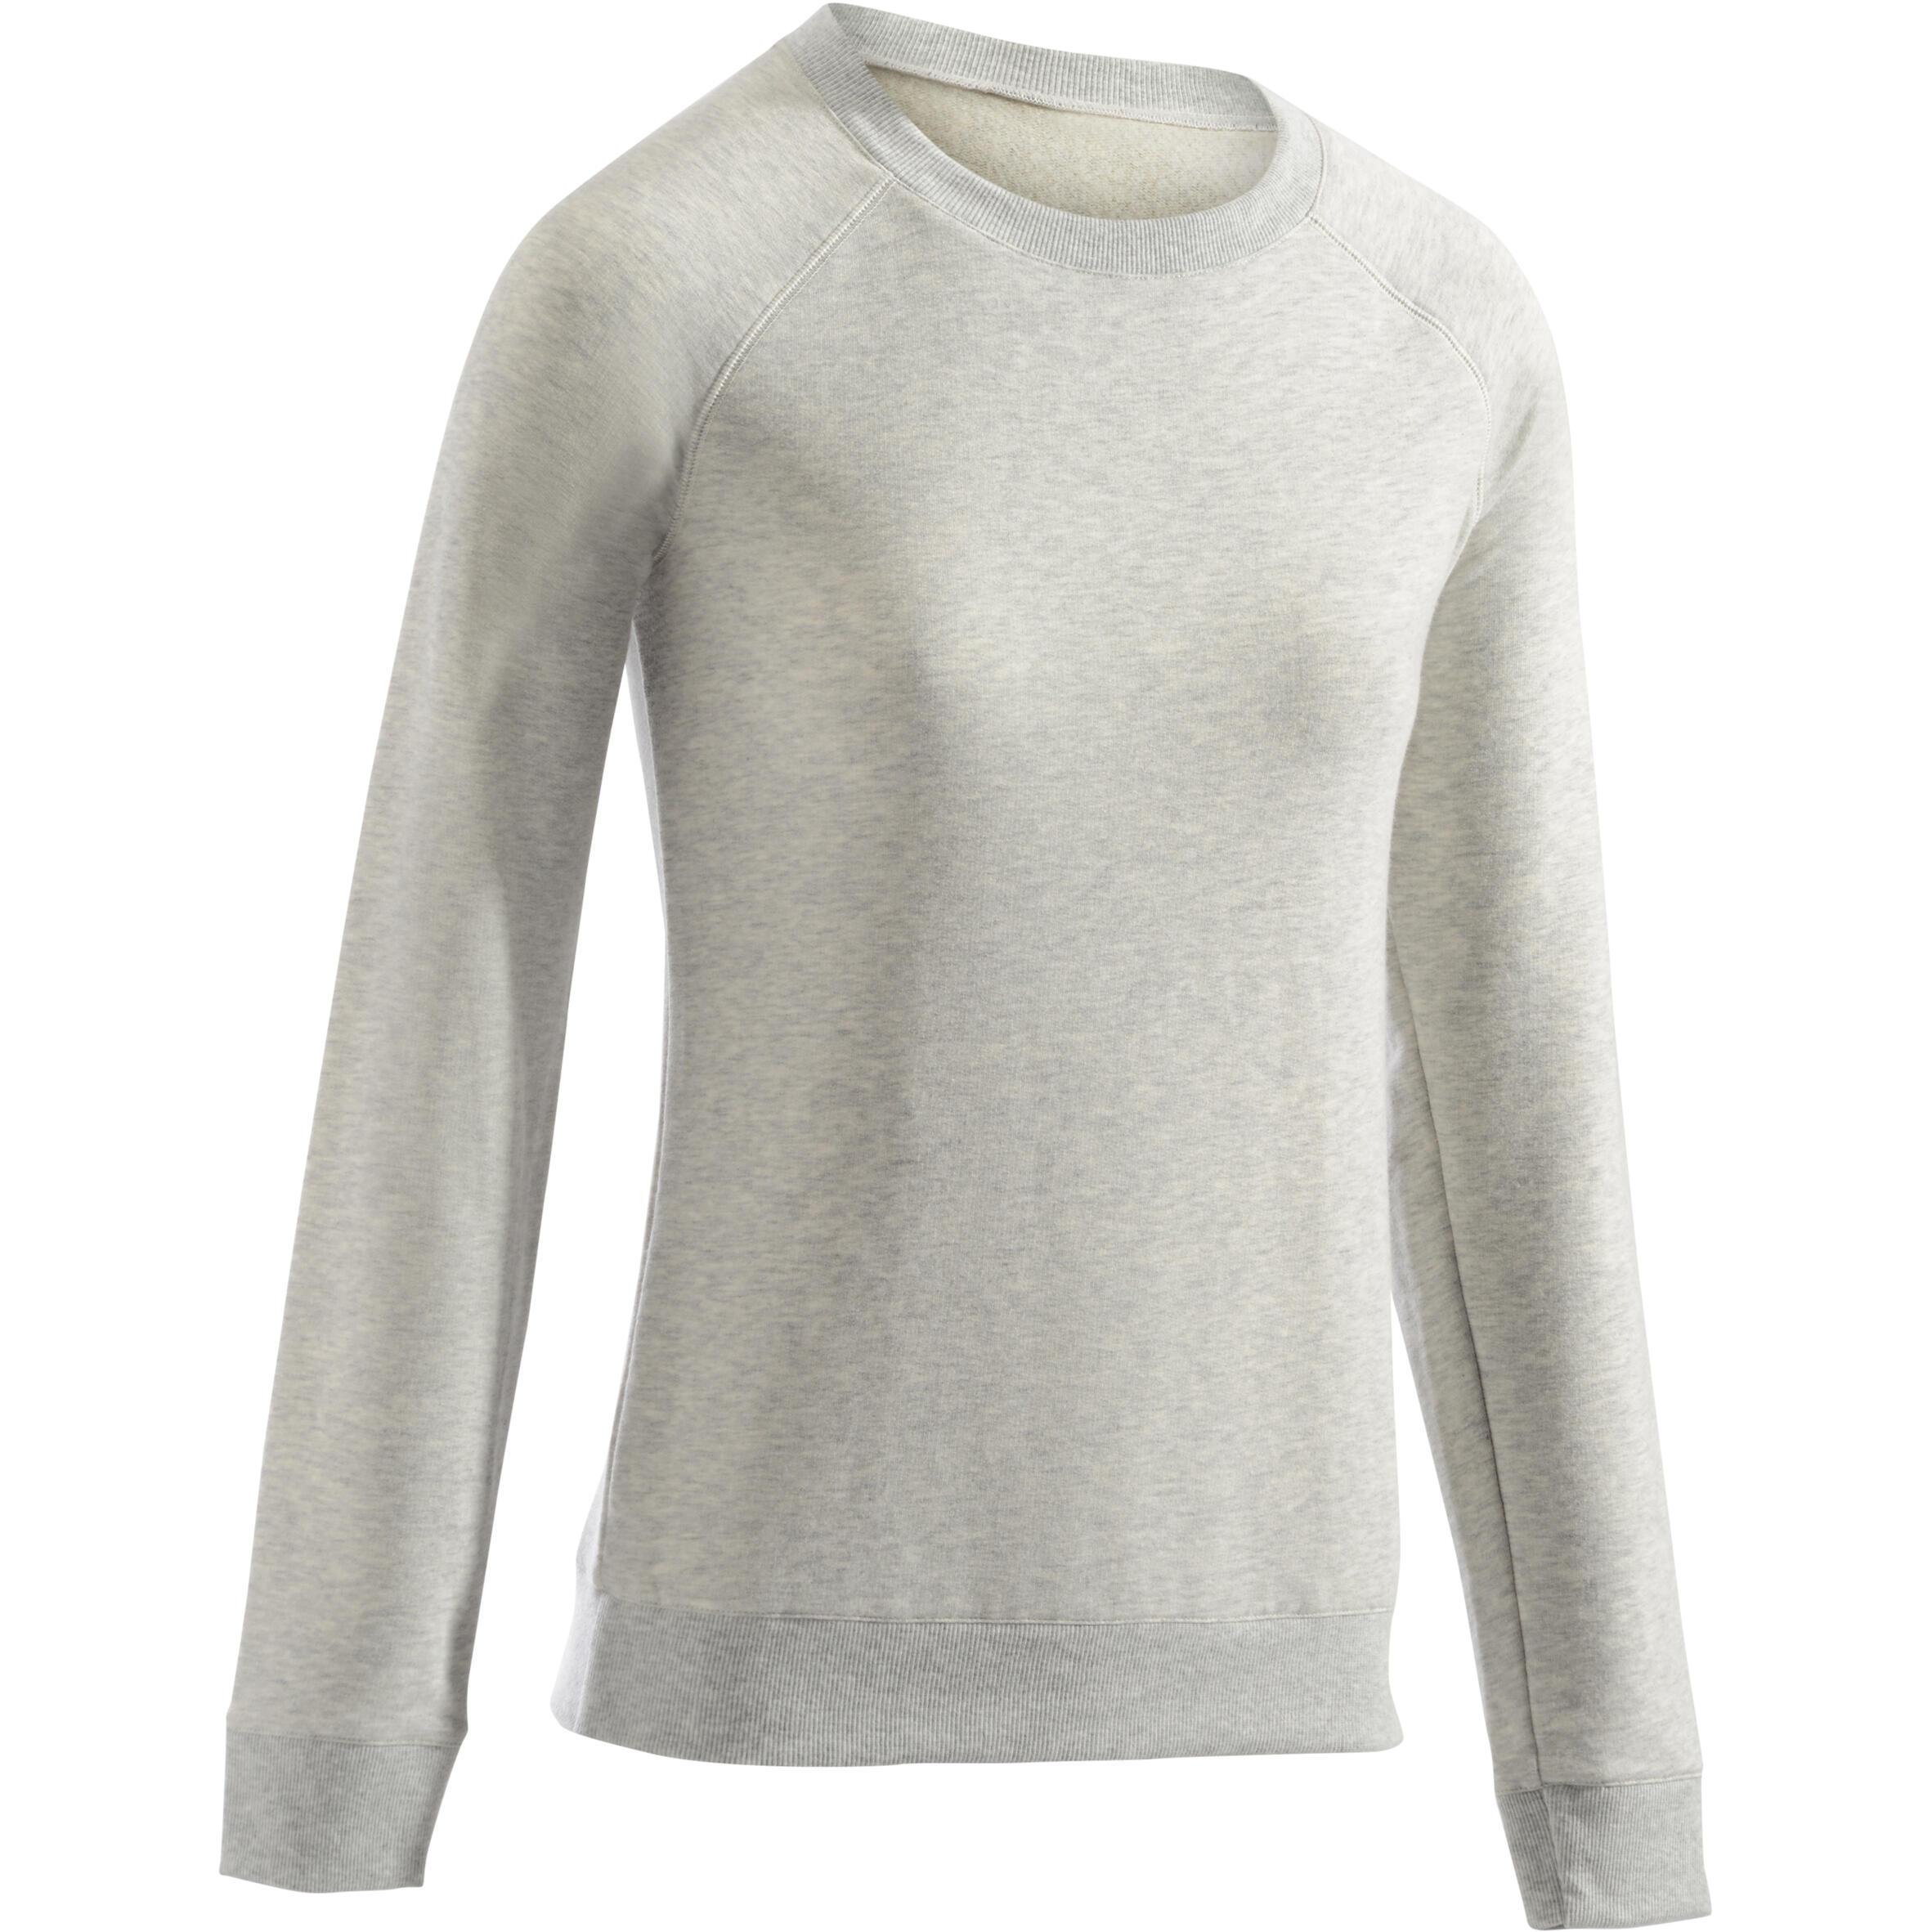 Domyos Damessweater 500 voor gym en stretching gemêleerd lichtgrijs